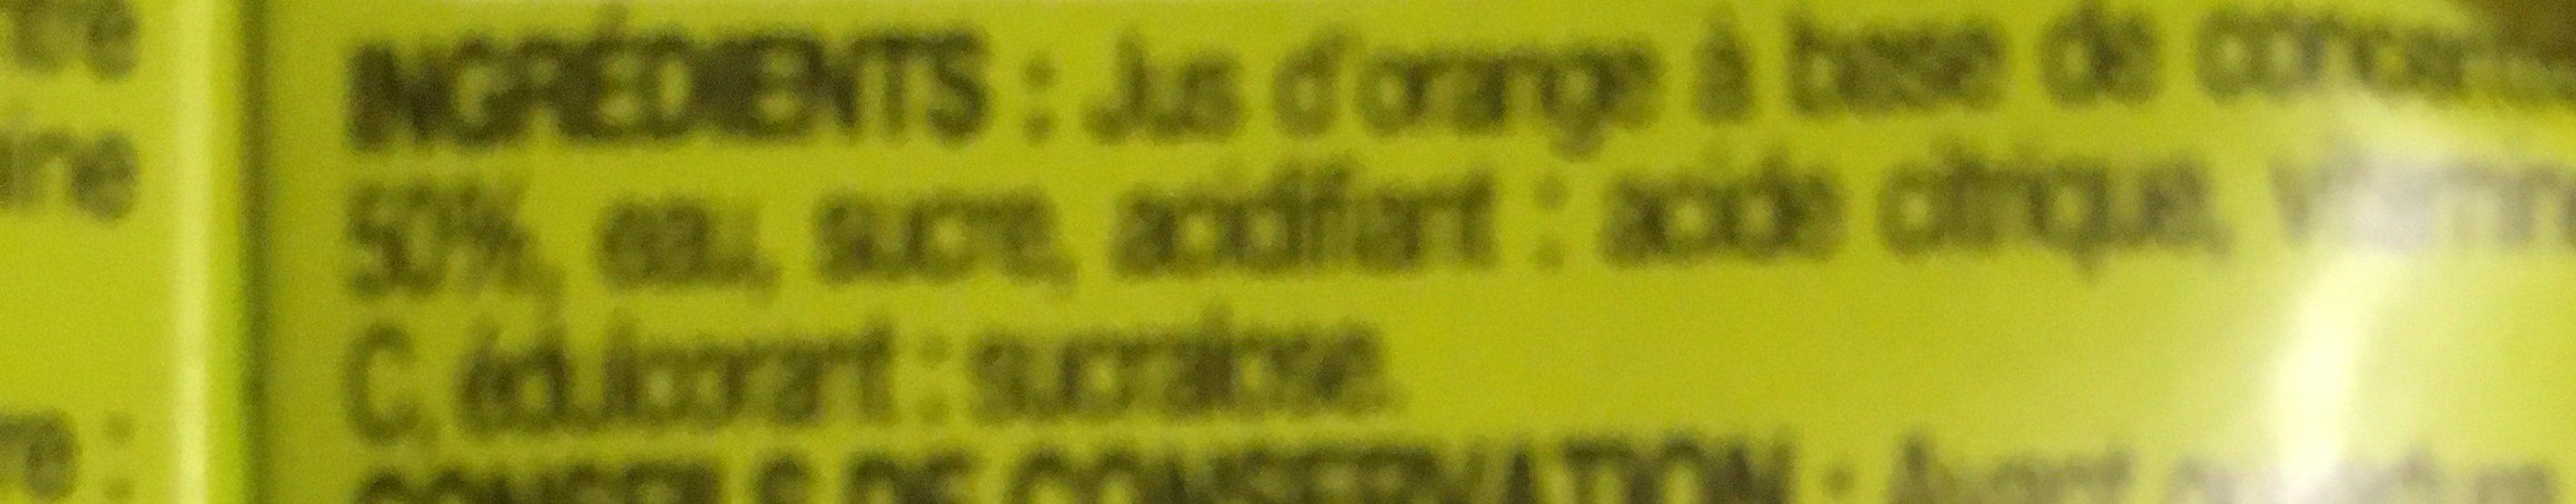 Pouce Nectar D'orange Briquettes - Ingrédients